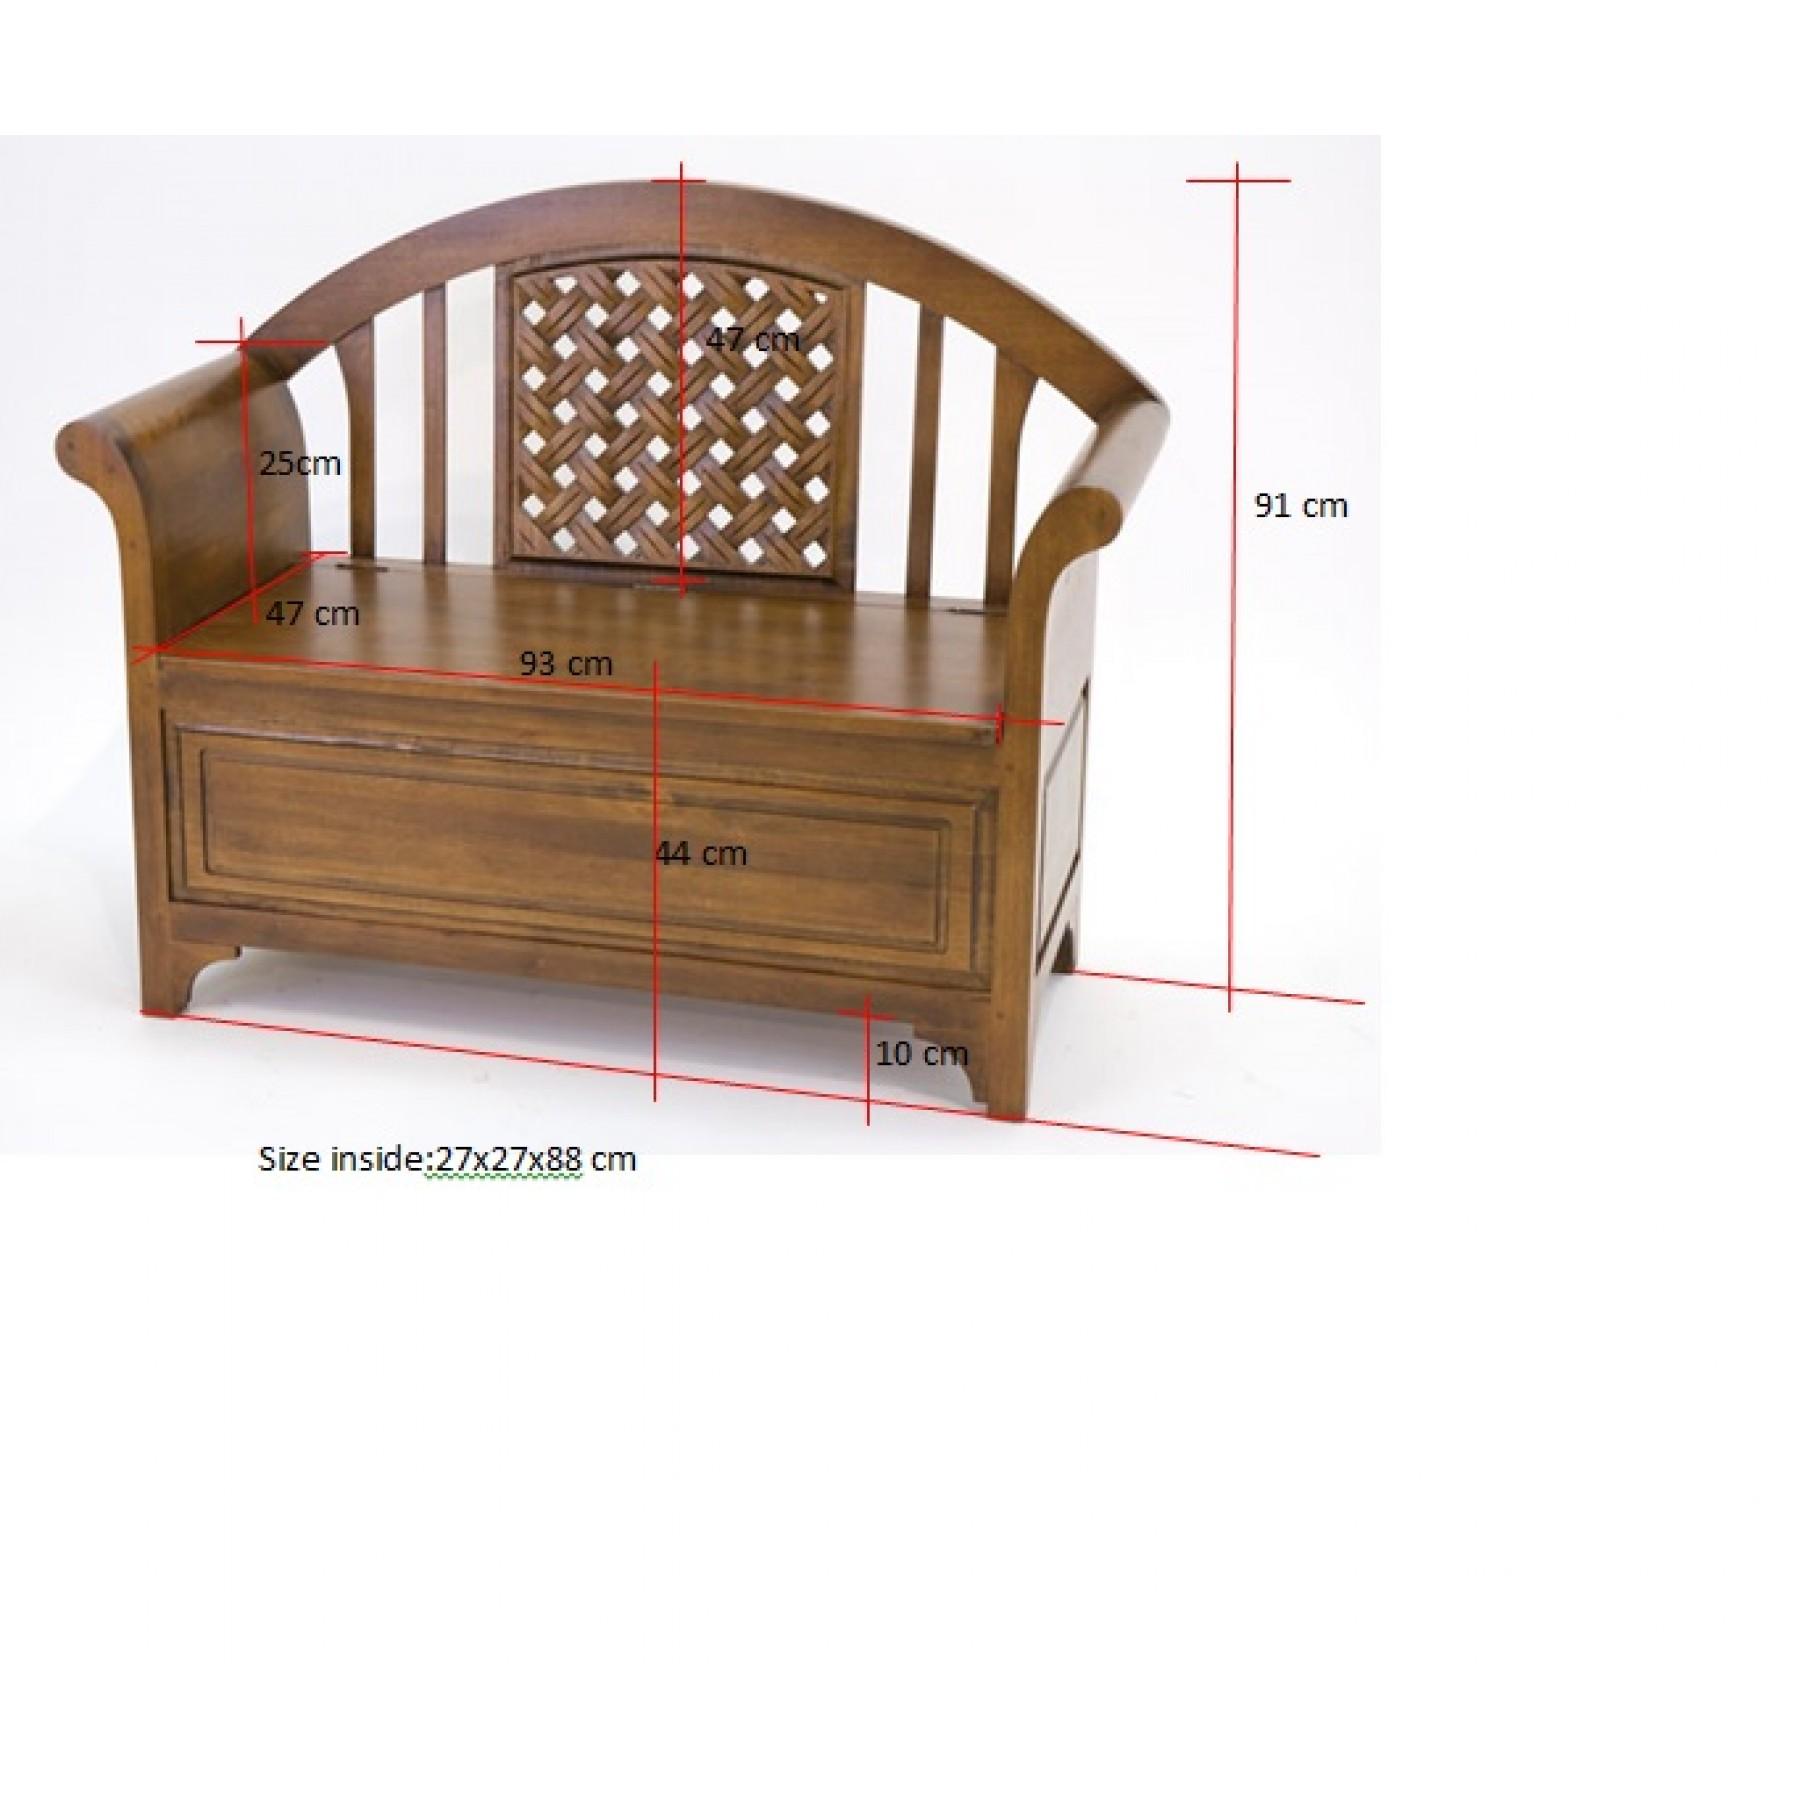 banc entr e coffre ladin par nomadde mobilier design. Black Bedroom Furniture Sets. Home Design Ideas